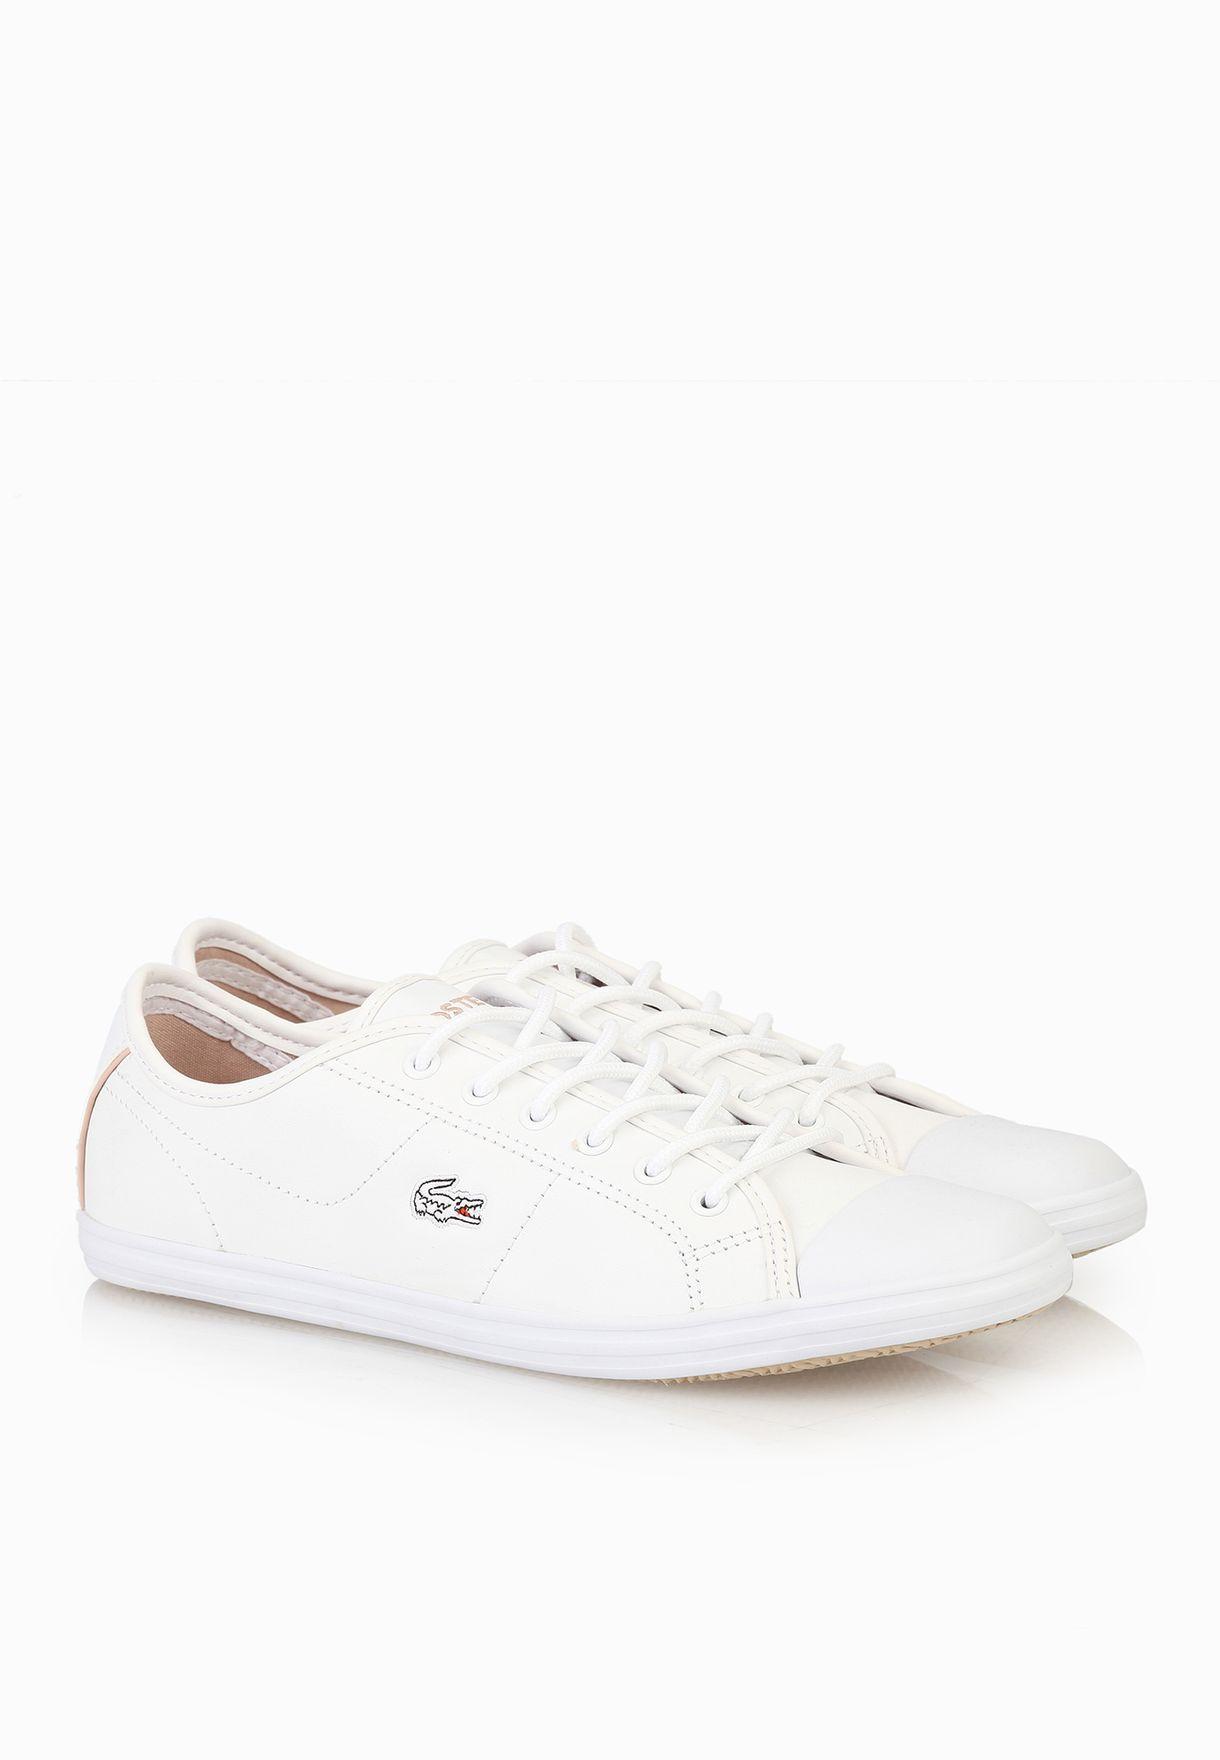 03fbf06e7d19 Shop Lacoste white Ziane EDG Sneakers 30SPW0027-21G for Women in Kuwait -  LA014SH19NKY